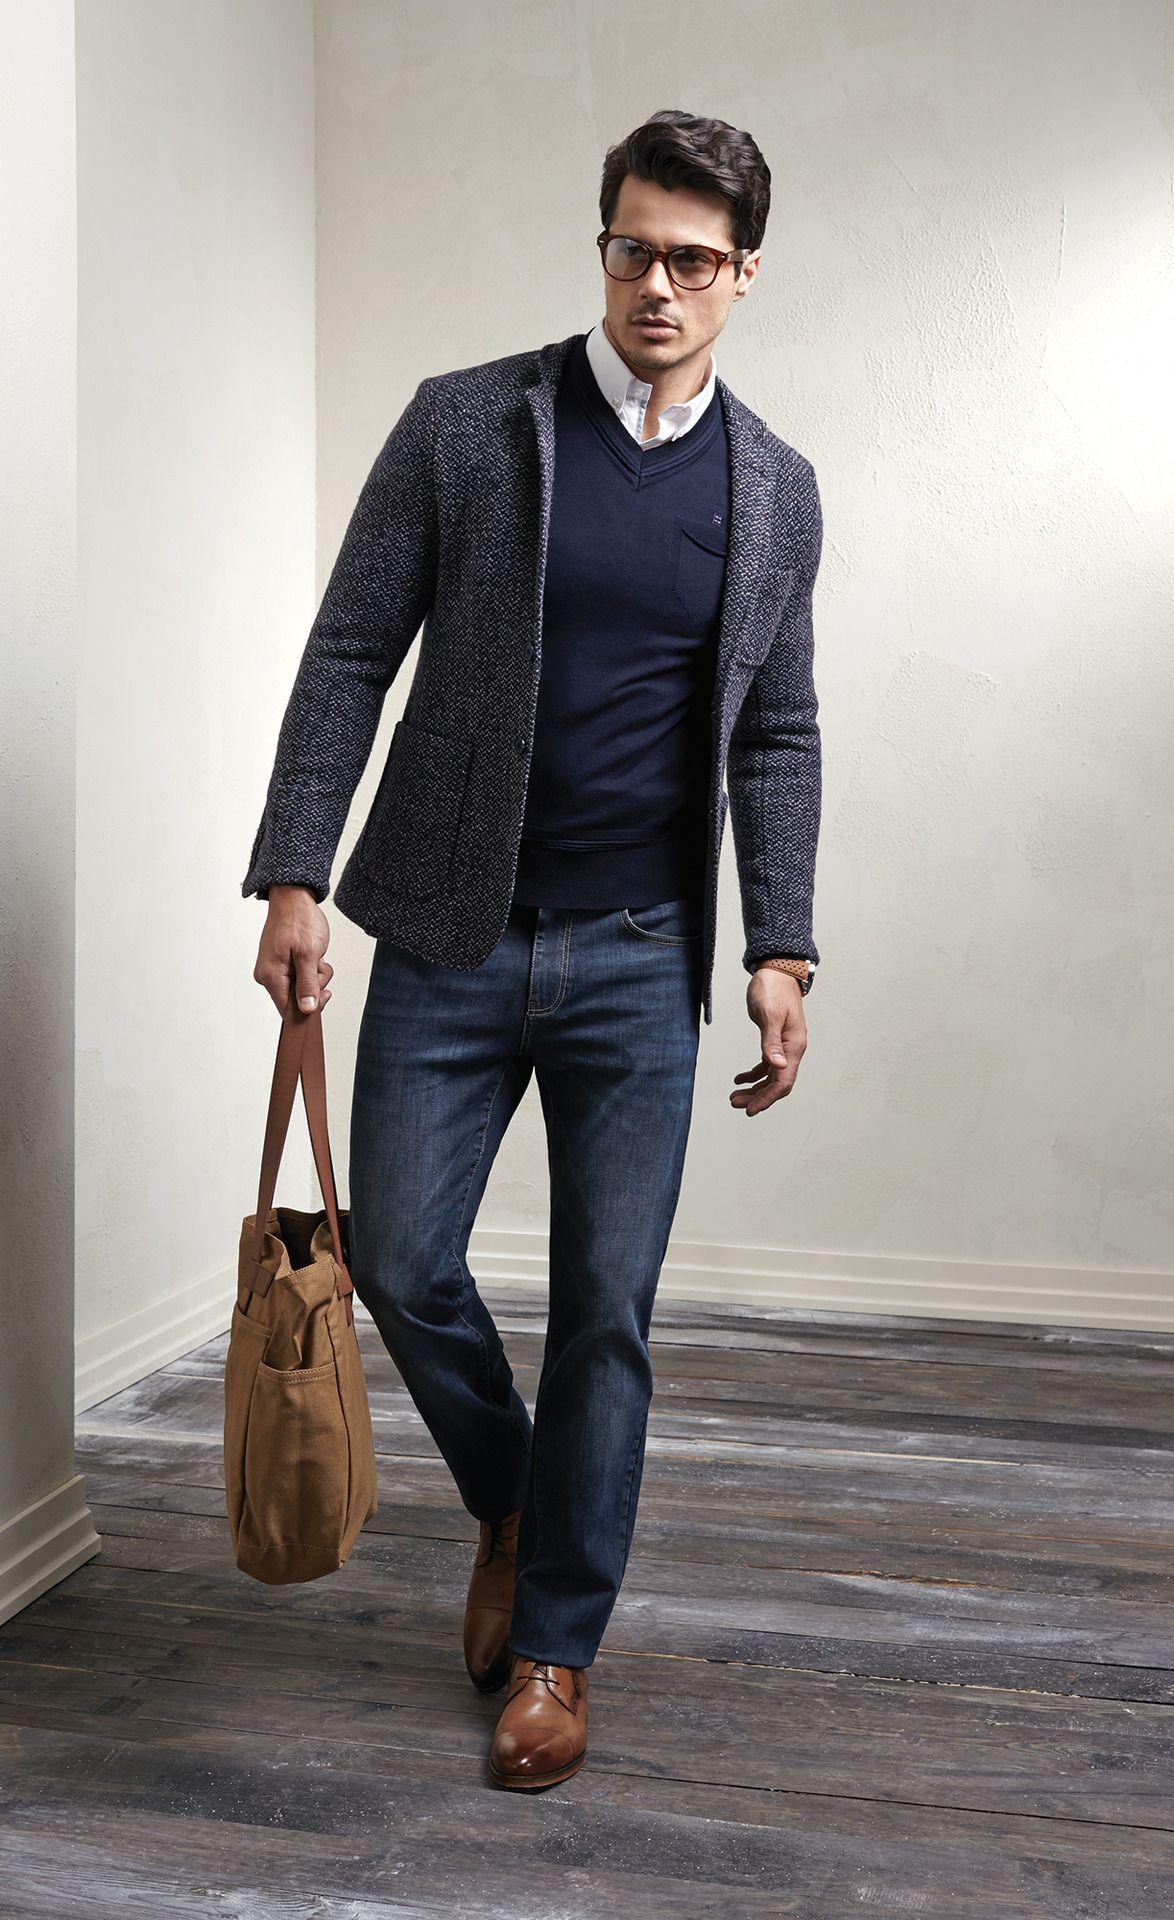 Modern dress casual - 23 Hombres Guapos Con Anteojos Que Van A Satisfacer Todas Tus Fantas As